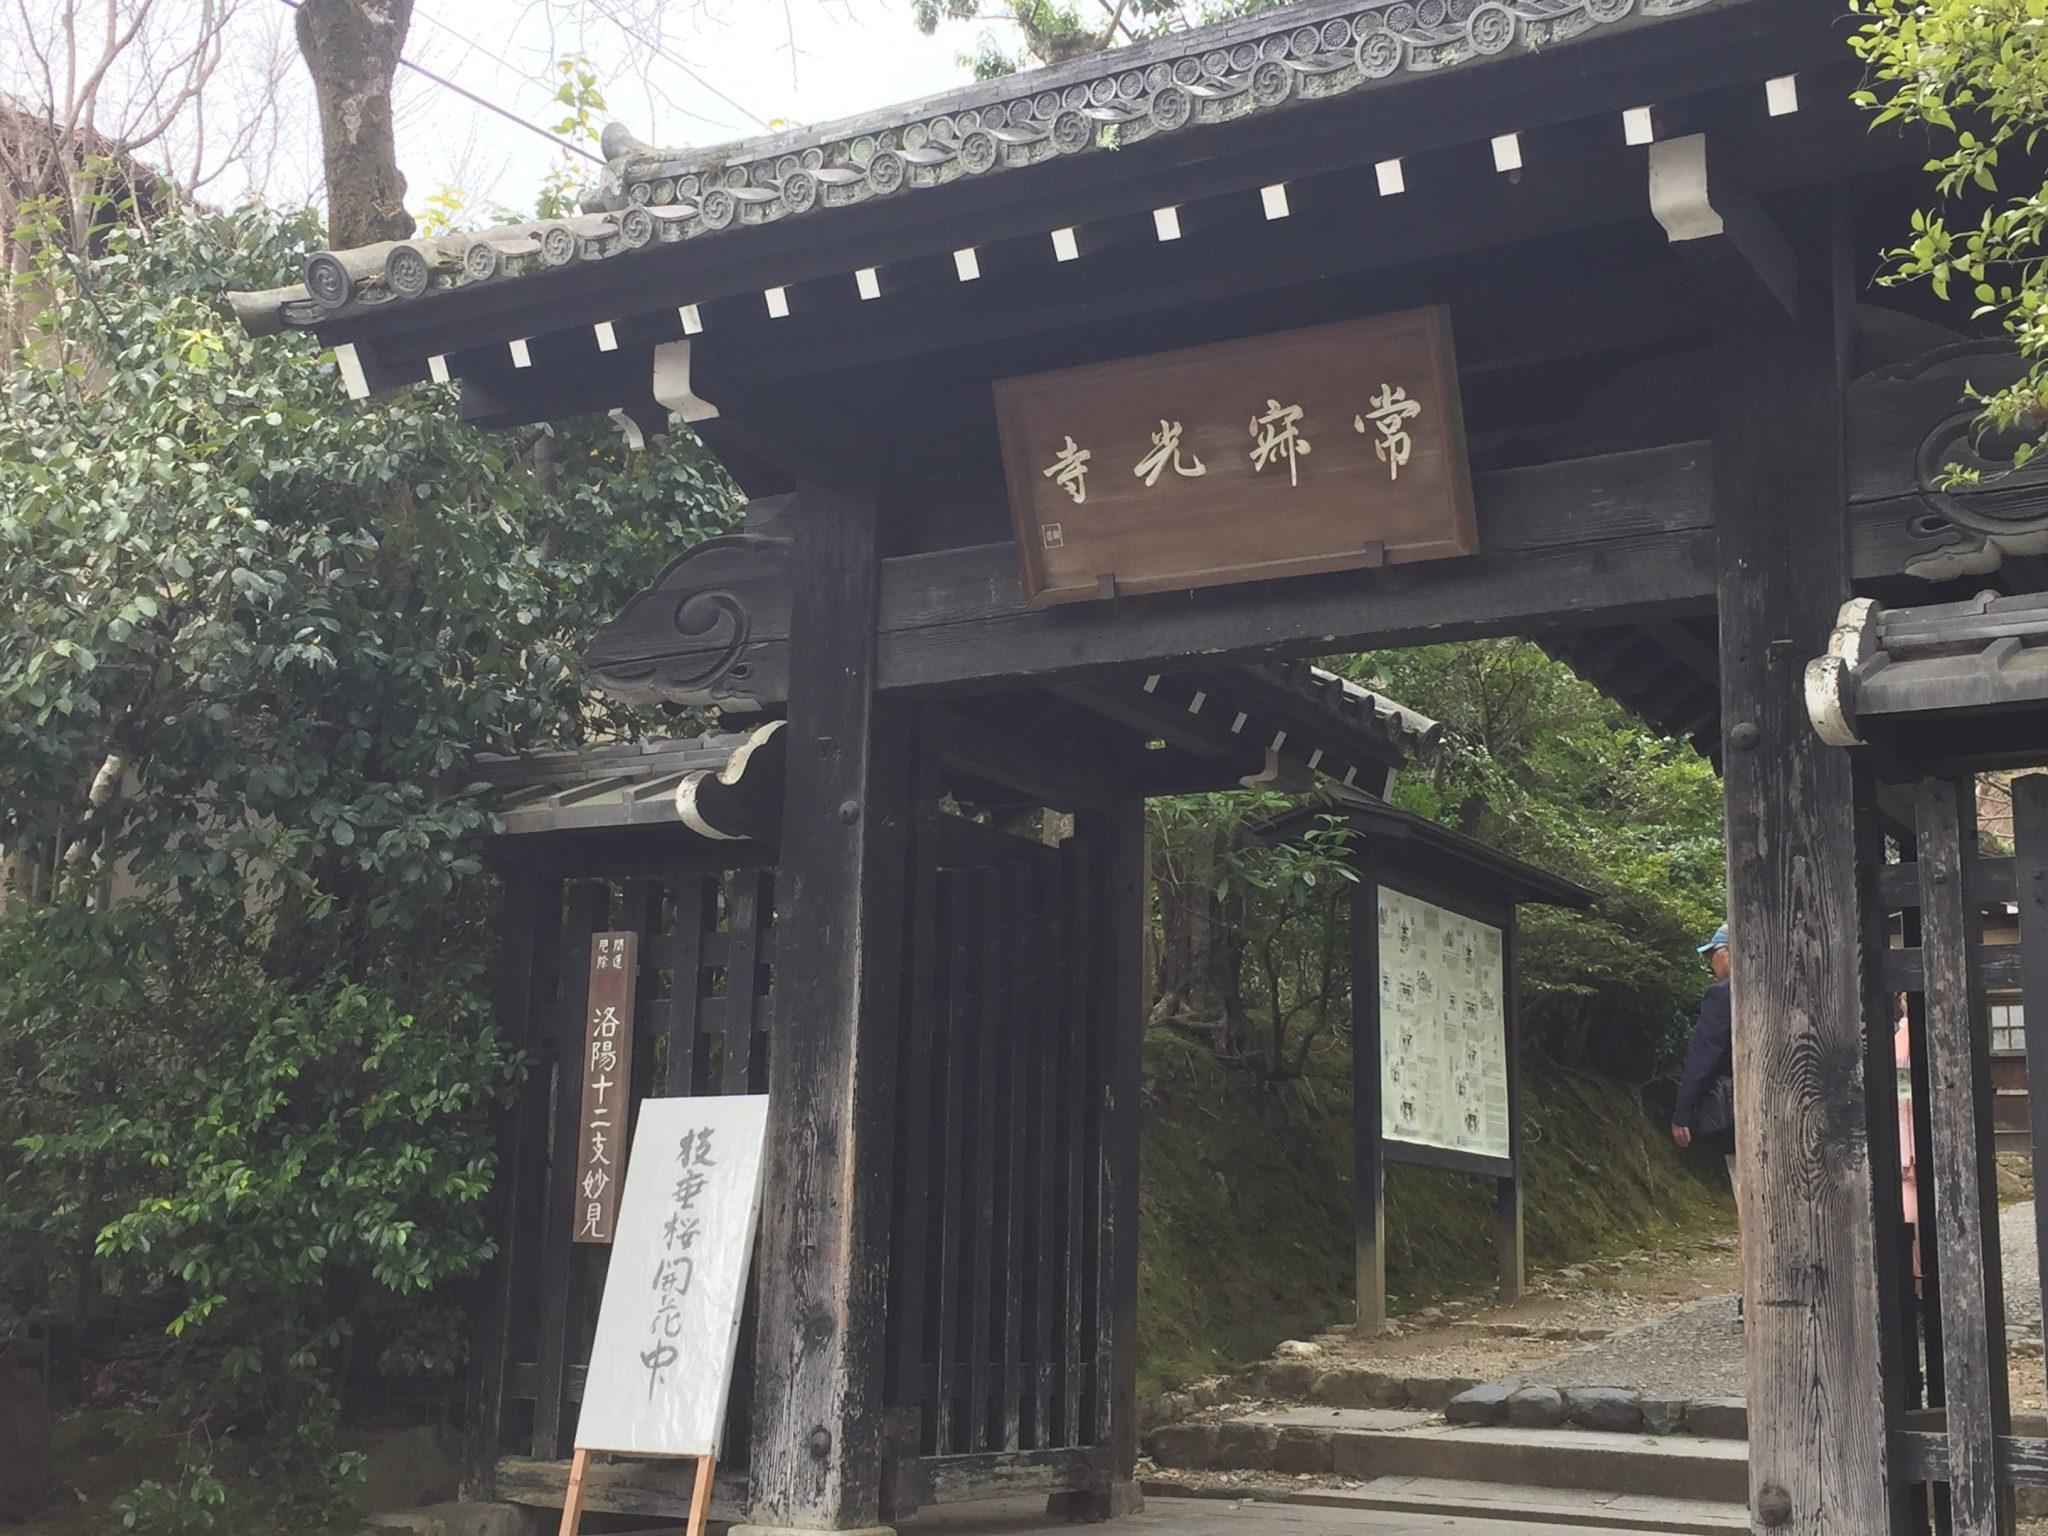 Jyoko-ji temple